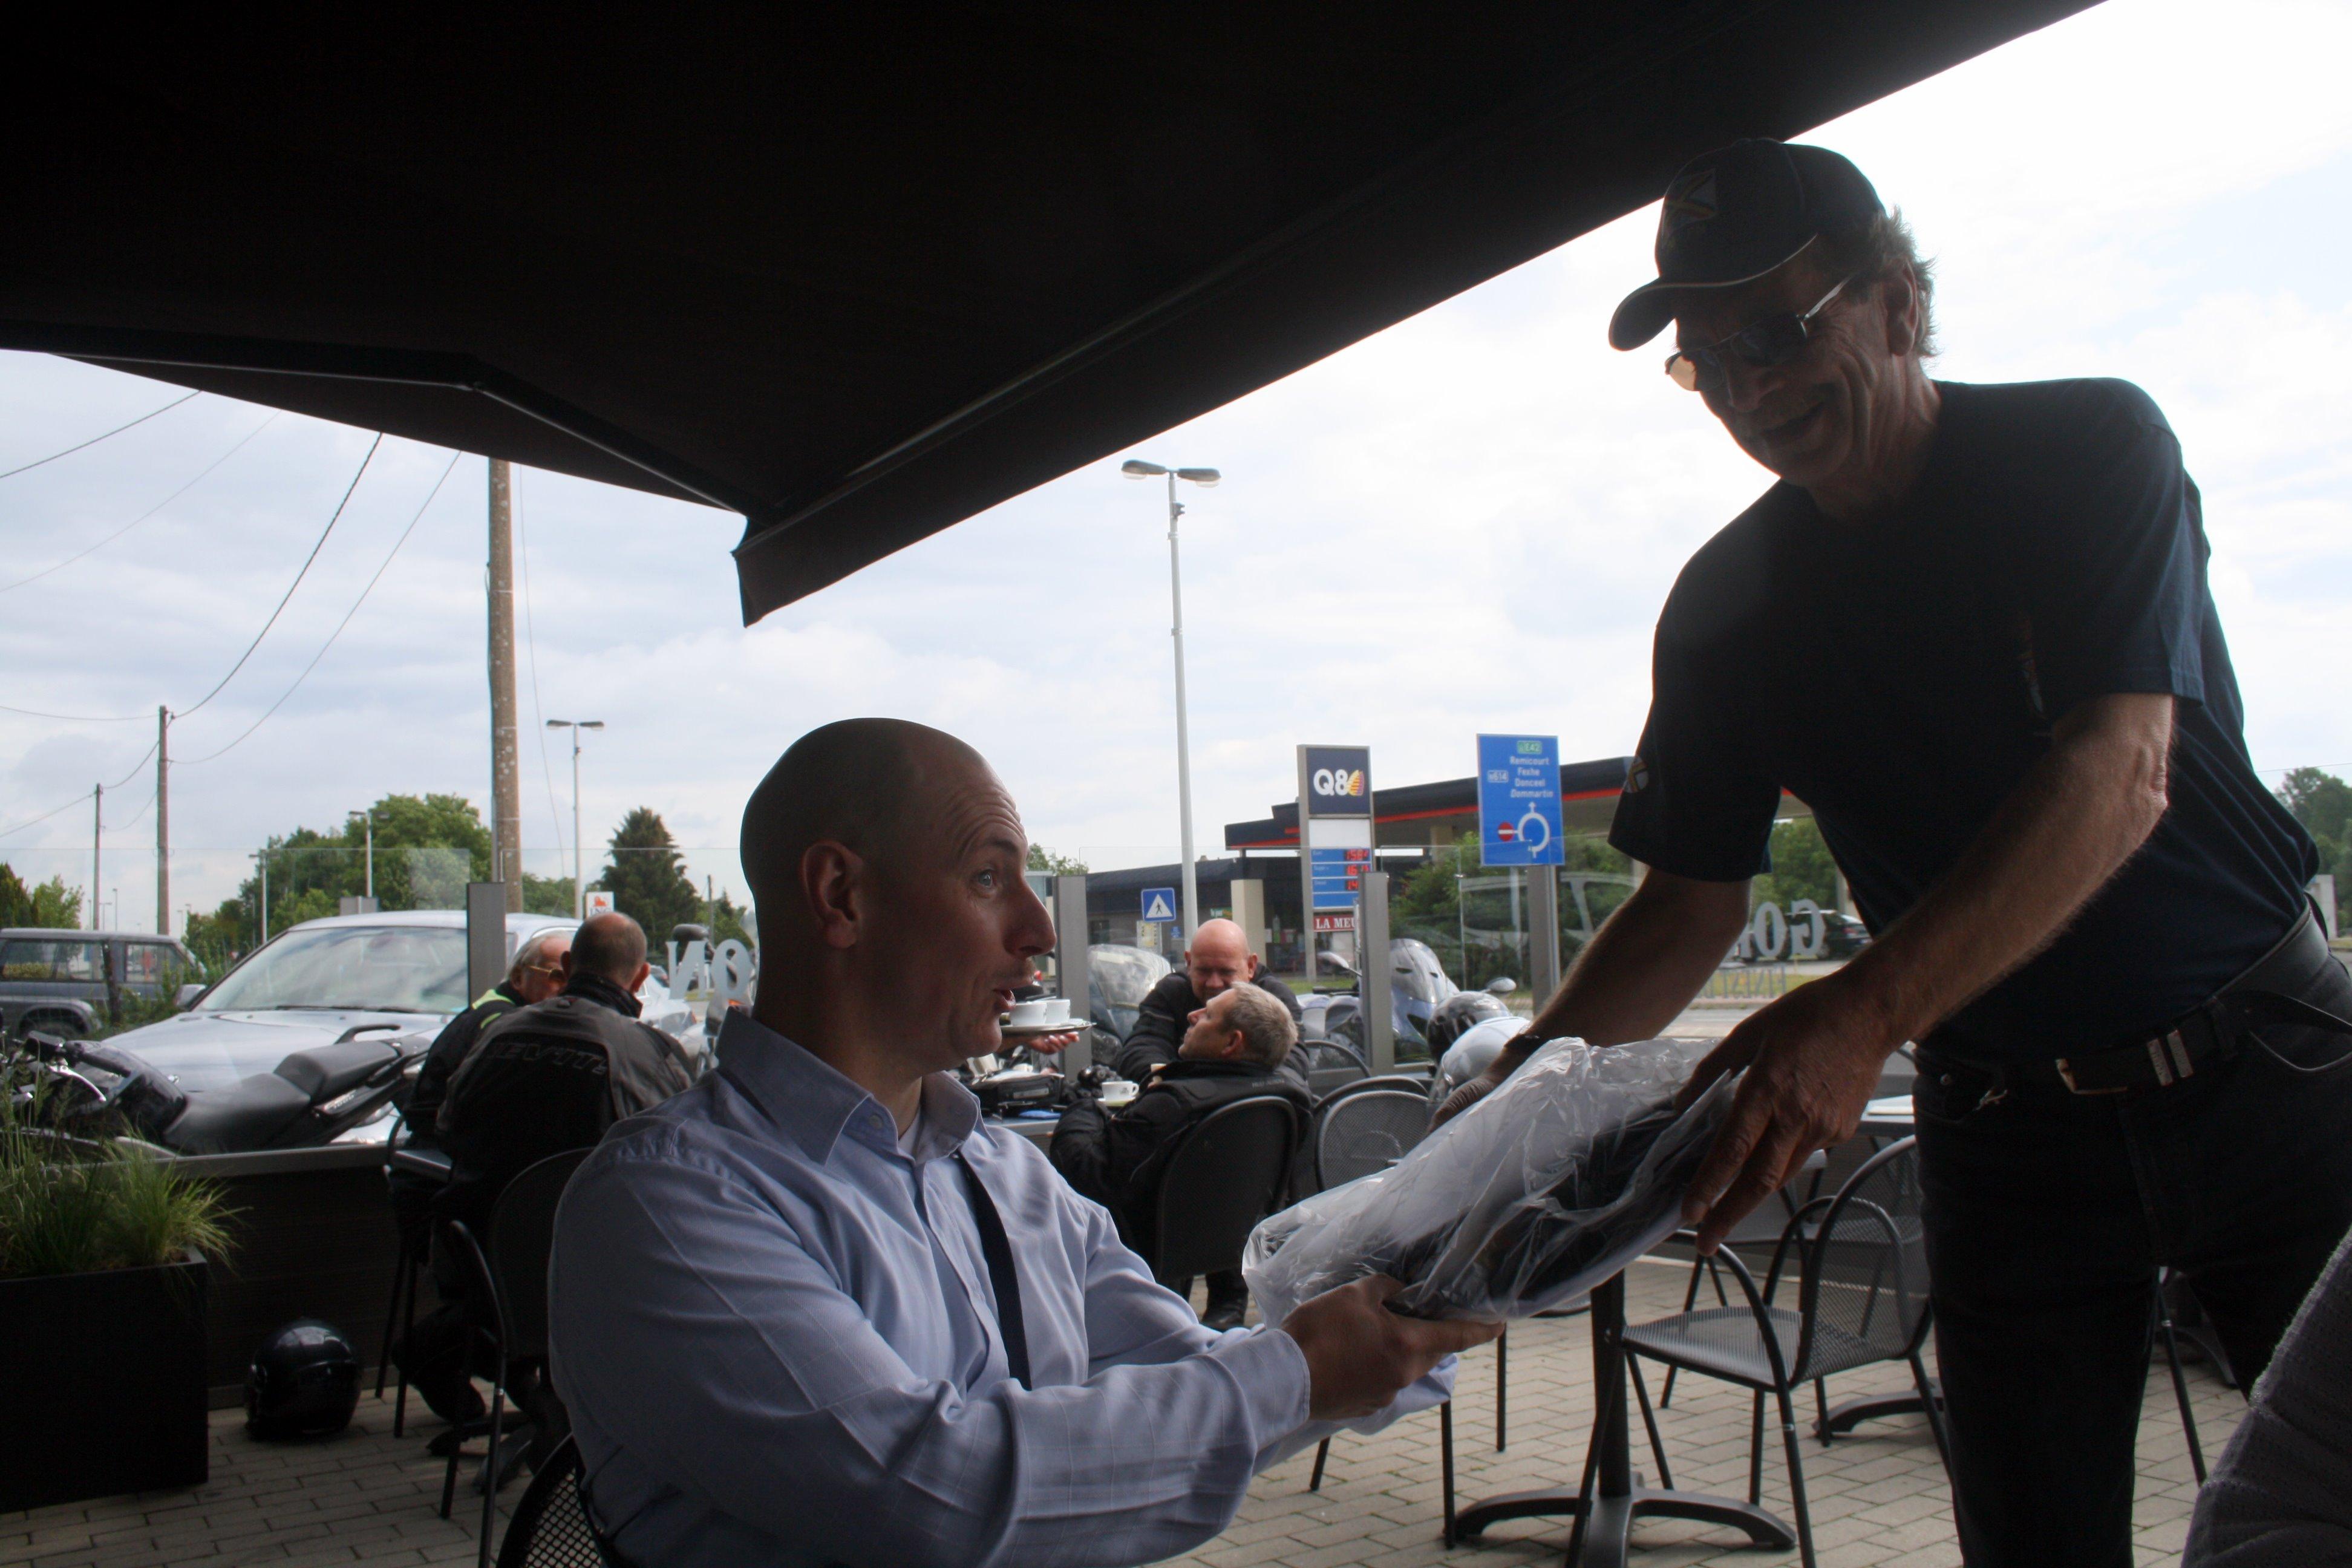 Distribution des t-shirts à Liège le 11.06.2011 1106110818451095838306396